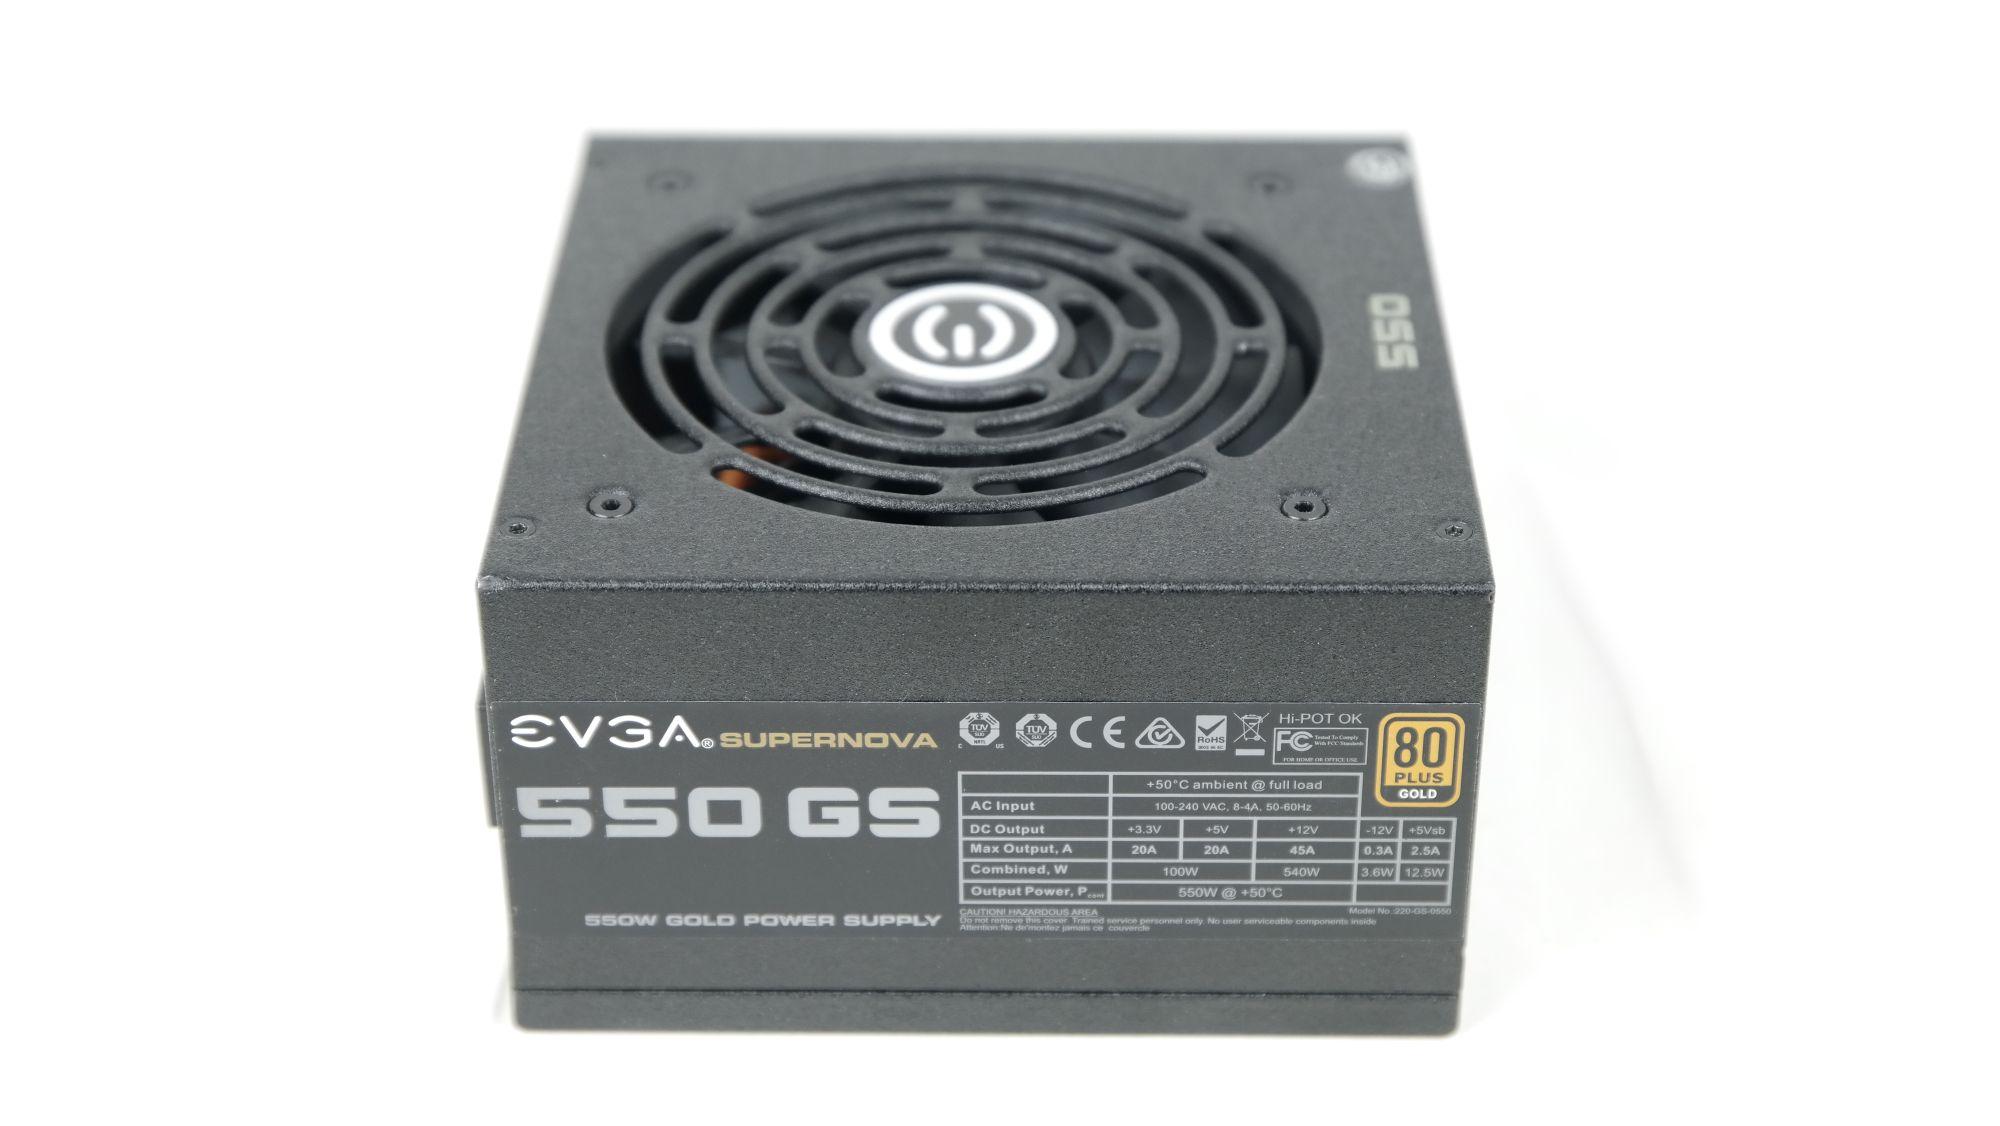 EVGA_GS550_002